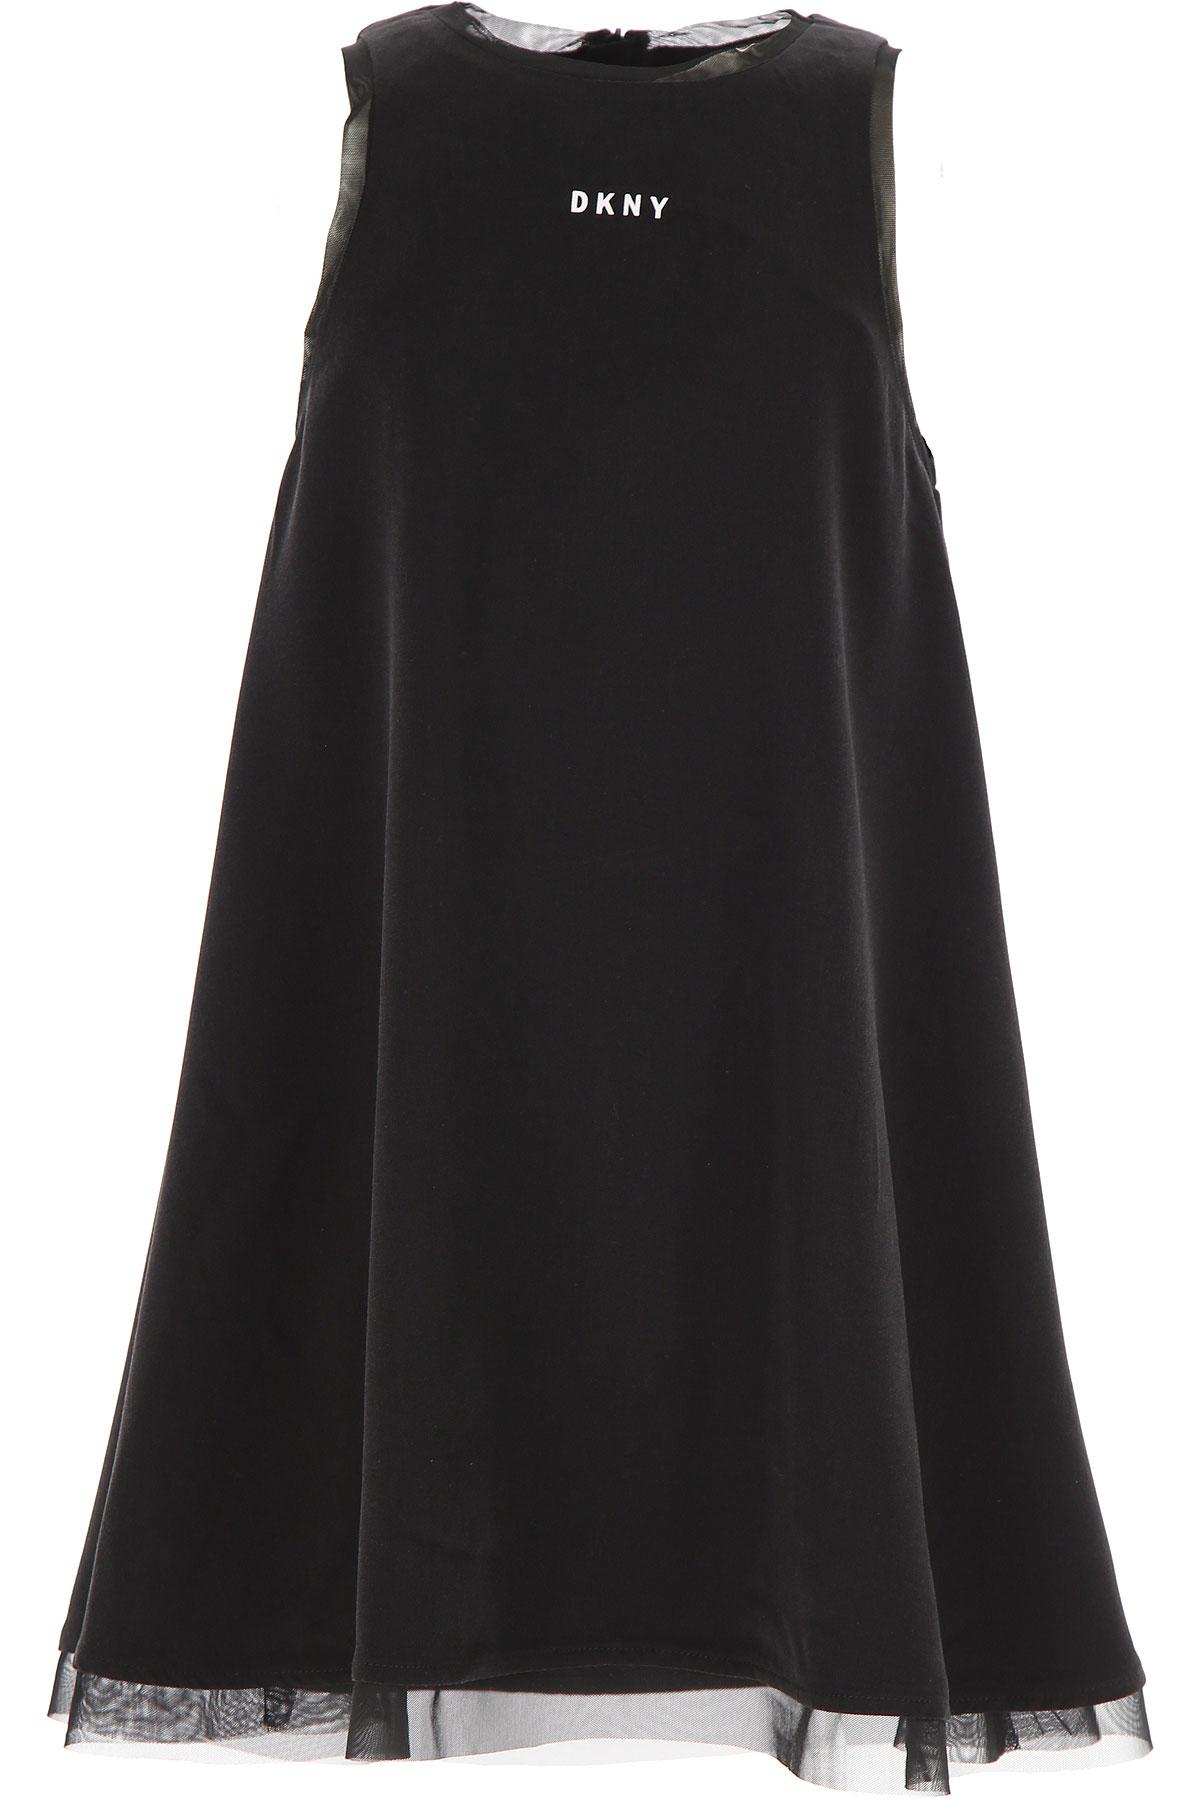 DKNY Girls Dress On Sale, Black, Viscose, 2019, 10Y 12Y 14Y 16Y 6Y 8Y